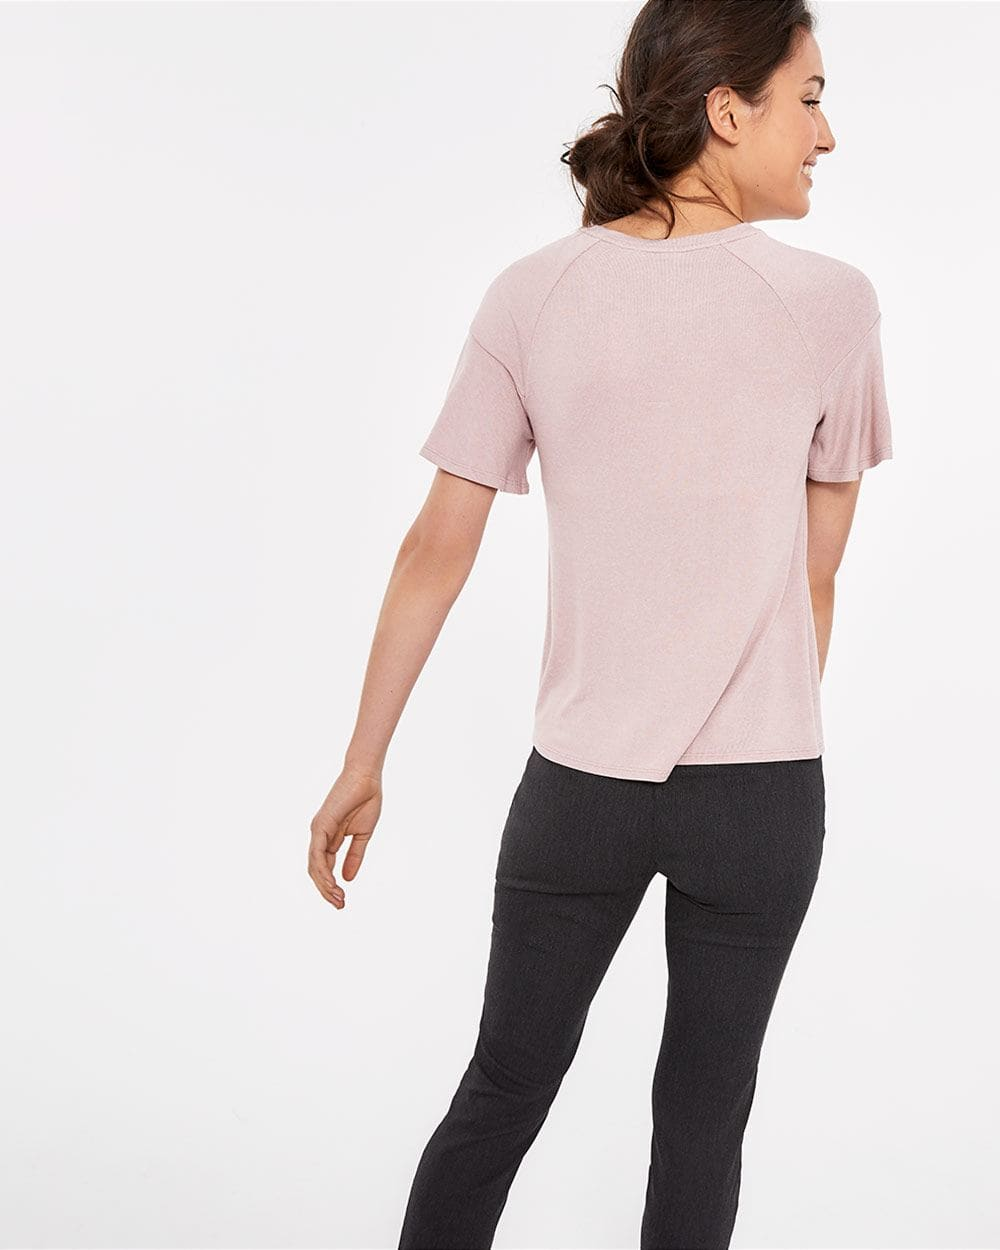 Short Flutter Sleeve Top